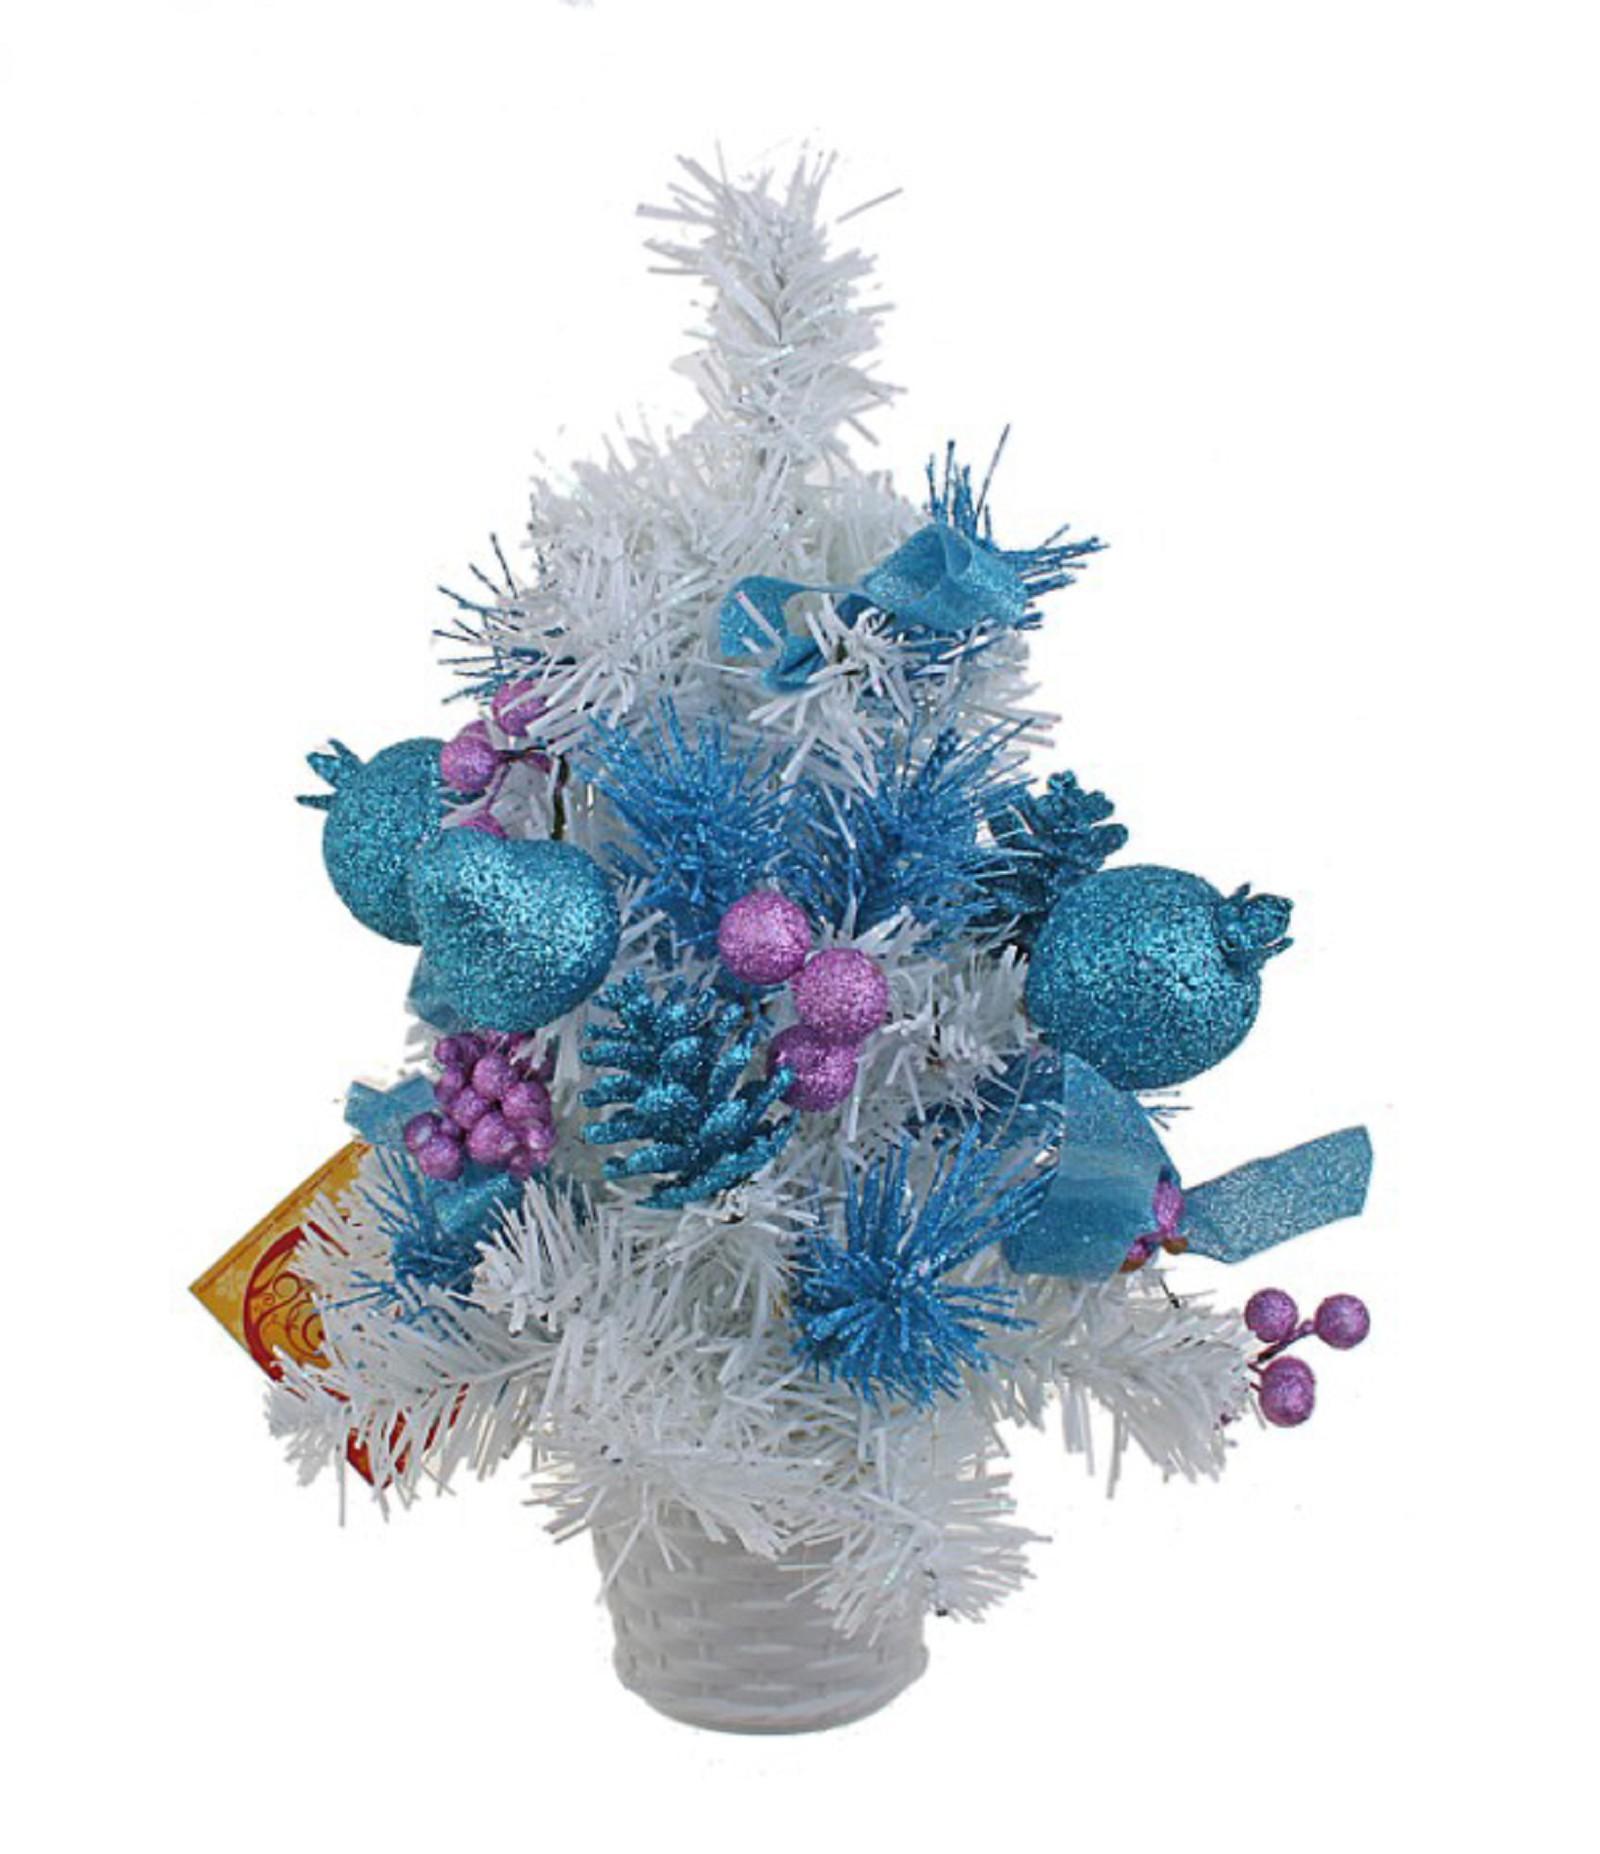 Декоративное украшение Новогодняя елочка, цвет: белый, голубой, сиреневый, высота 30 см. 705177BH0422_прозрачныйДекоративное украшение, выполненное из пластика - мини-елочка для оформления интерьера к Новому году. Ее не нужно ни собирать, ни наряжать, зато настроение праздника она создает очень быстро. Елка украшена шишками, лентами, елочными игрушками и шариками. Елка украсит интерьер вашего дома или офиса к Новому году и создаст теплую и уютную атмосферу праздника.Откройте для себя удивительный мир сказок и грез. Почувствуйте волшебные минуты ожидания праздника, создайте новогоднее настроение вашим дорогим и близким. Характеристики:Материал: пластик, металл, текстиль. Цвет: белый, голубой, сиреневый. Размер елочки: 17 см х 17 см х 30 см. Артикул: 705177.